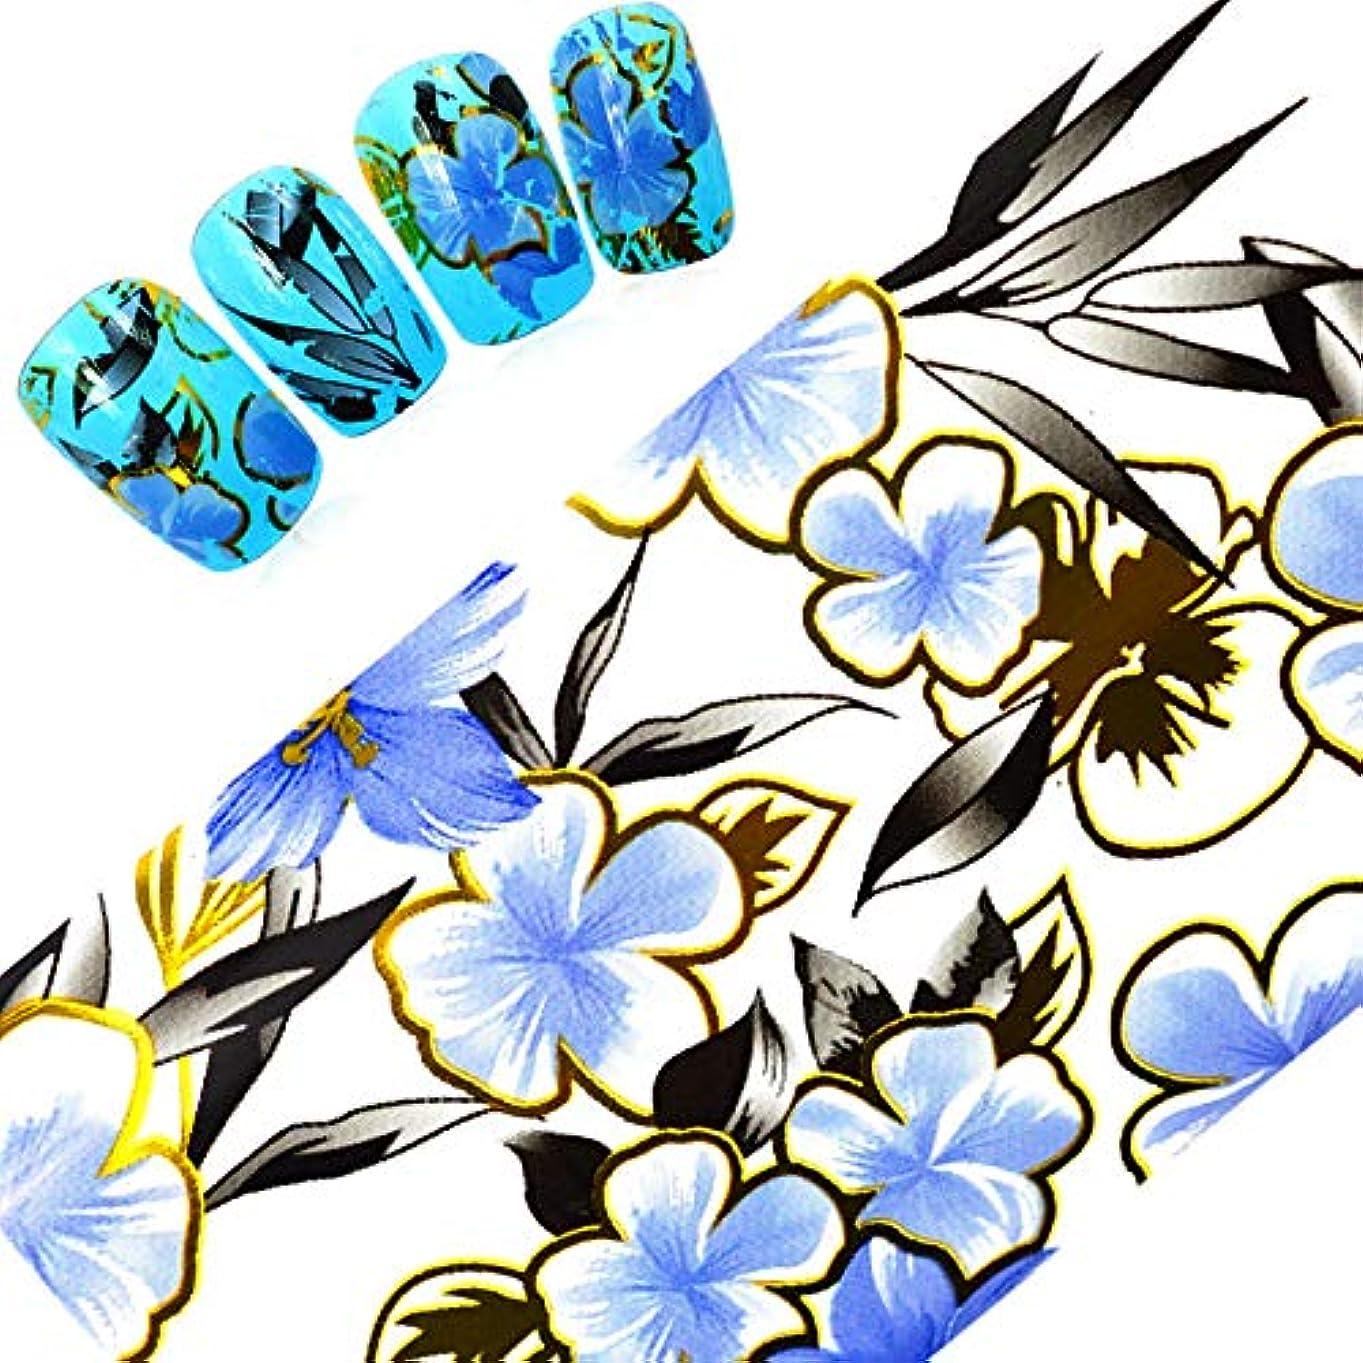 賠償純粋なゼリーSUKTI&XIAO ネイルステッカー 1ピースnew 100×4センチメートルブルーカラーフラワーネイル箔ネイルアート転写接着剤接着剤ラップネイルフルステッカー